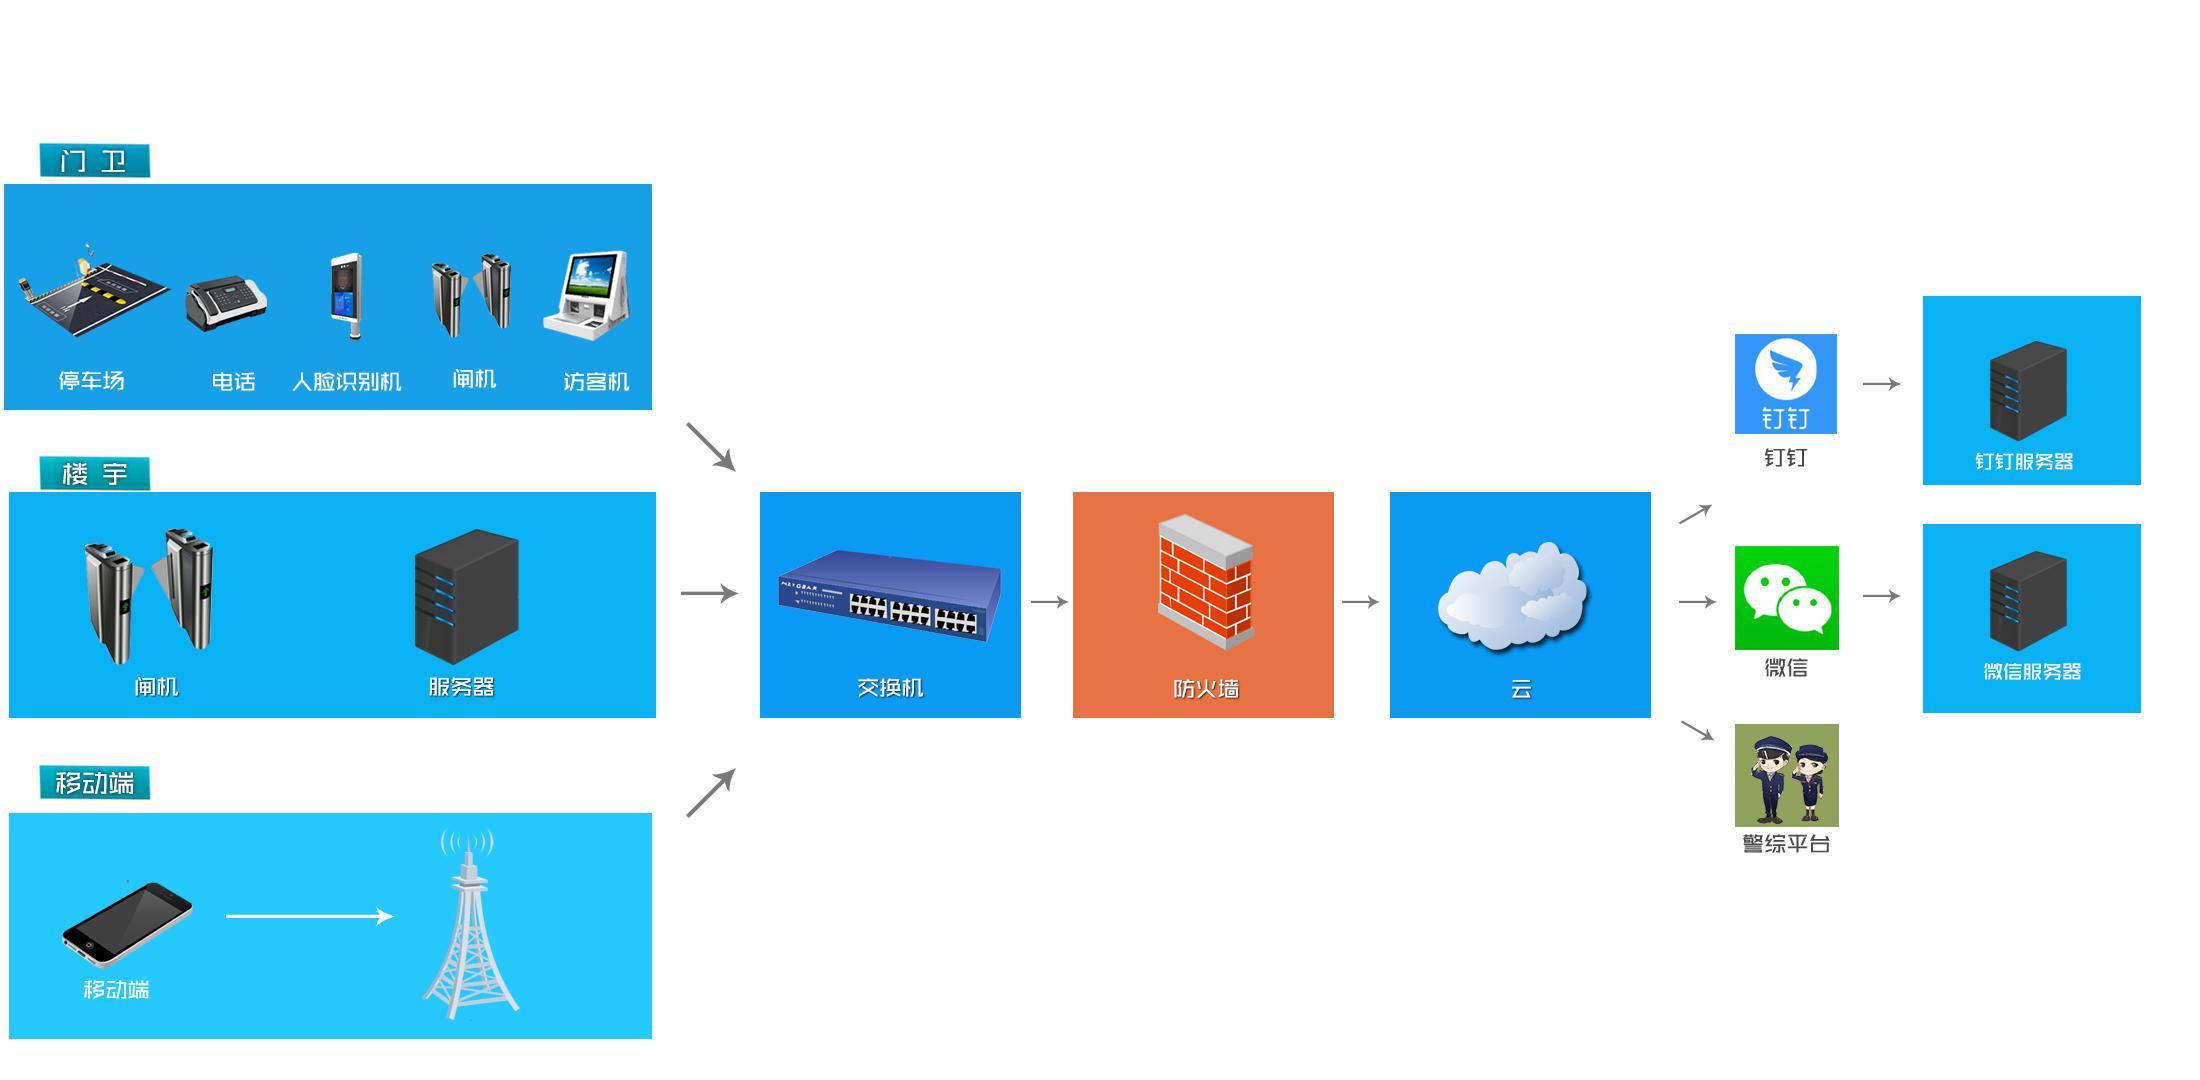 智慧厂区出入安全管理系统平台网络拓扑结构